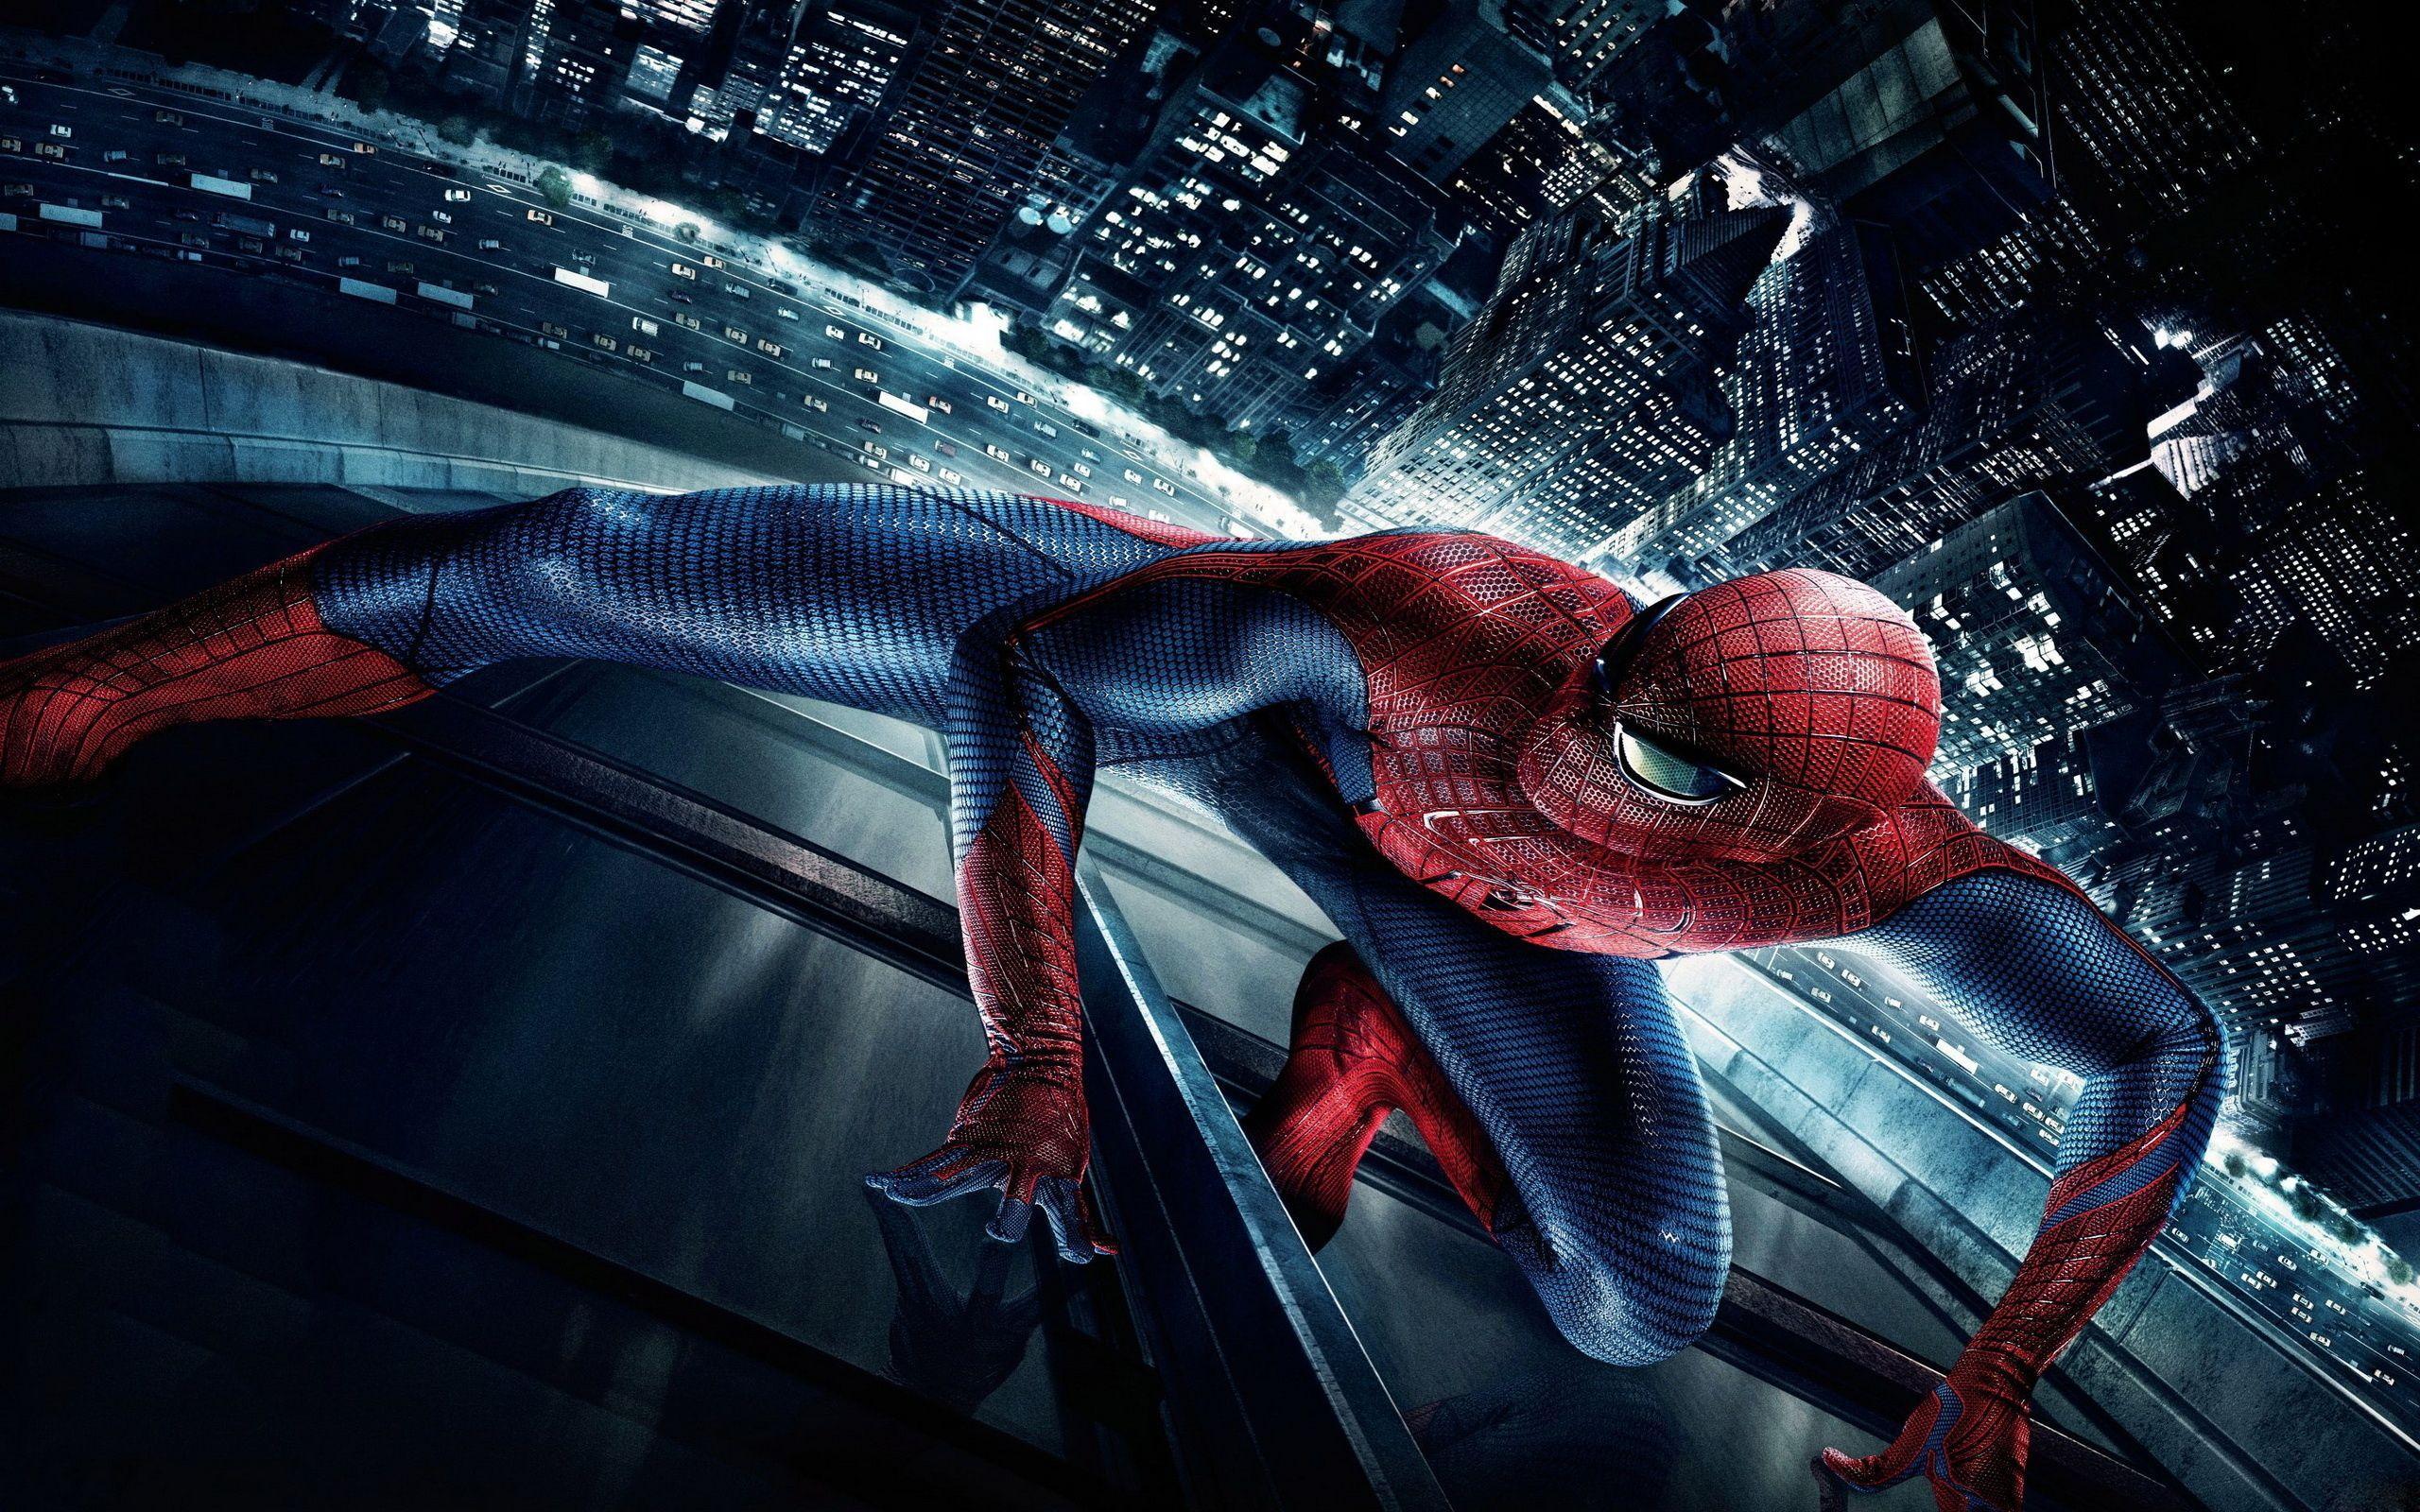 2560x1600 Spider Man Hình nền Full HD và Hình nền